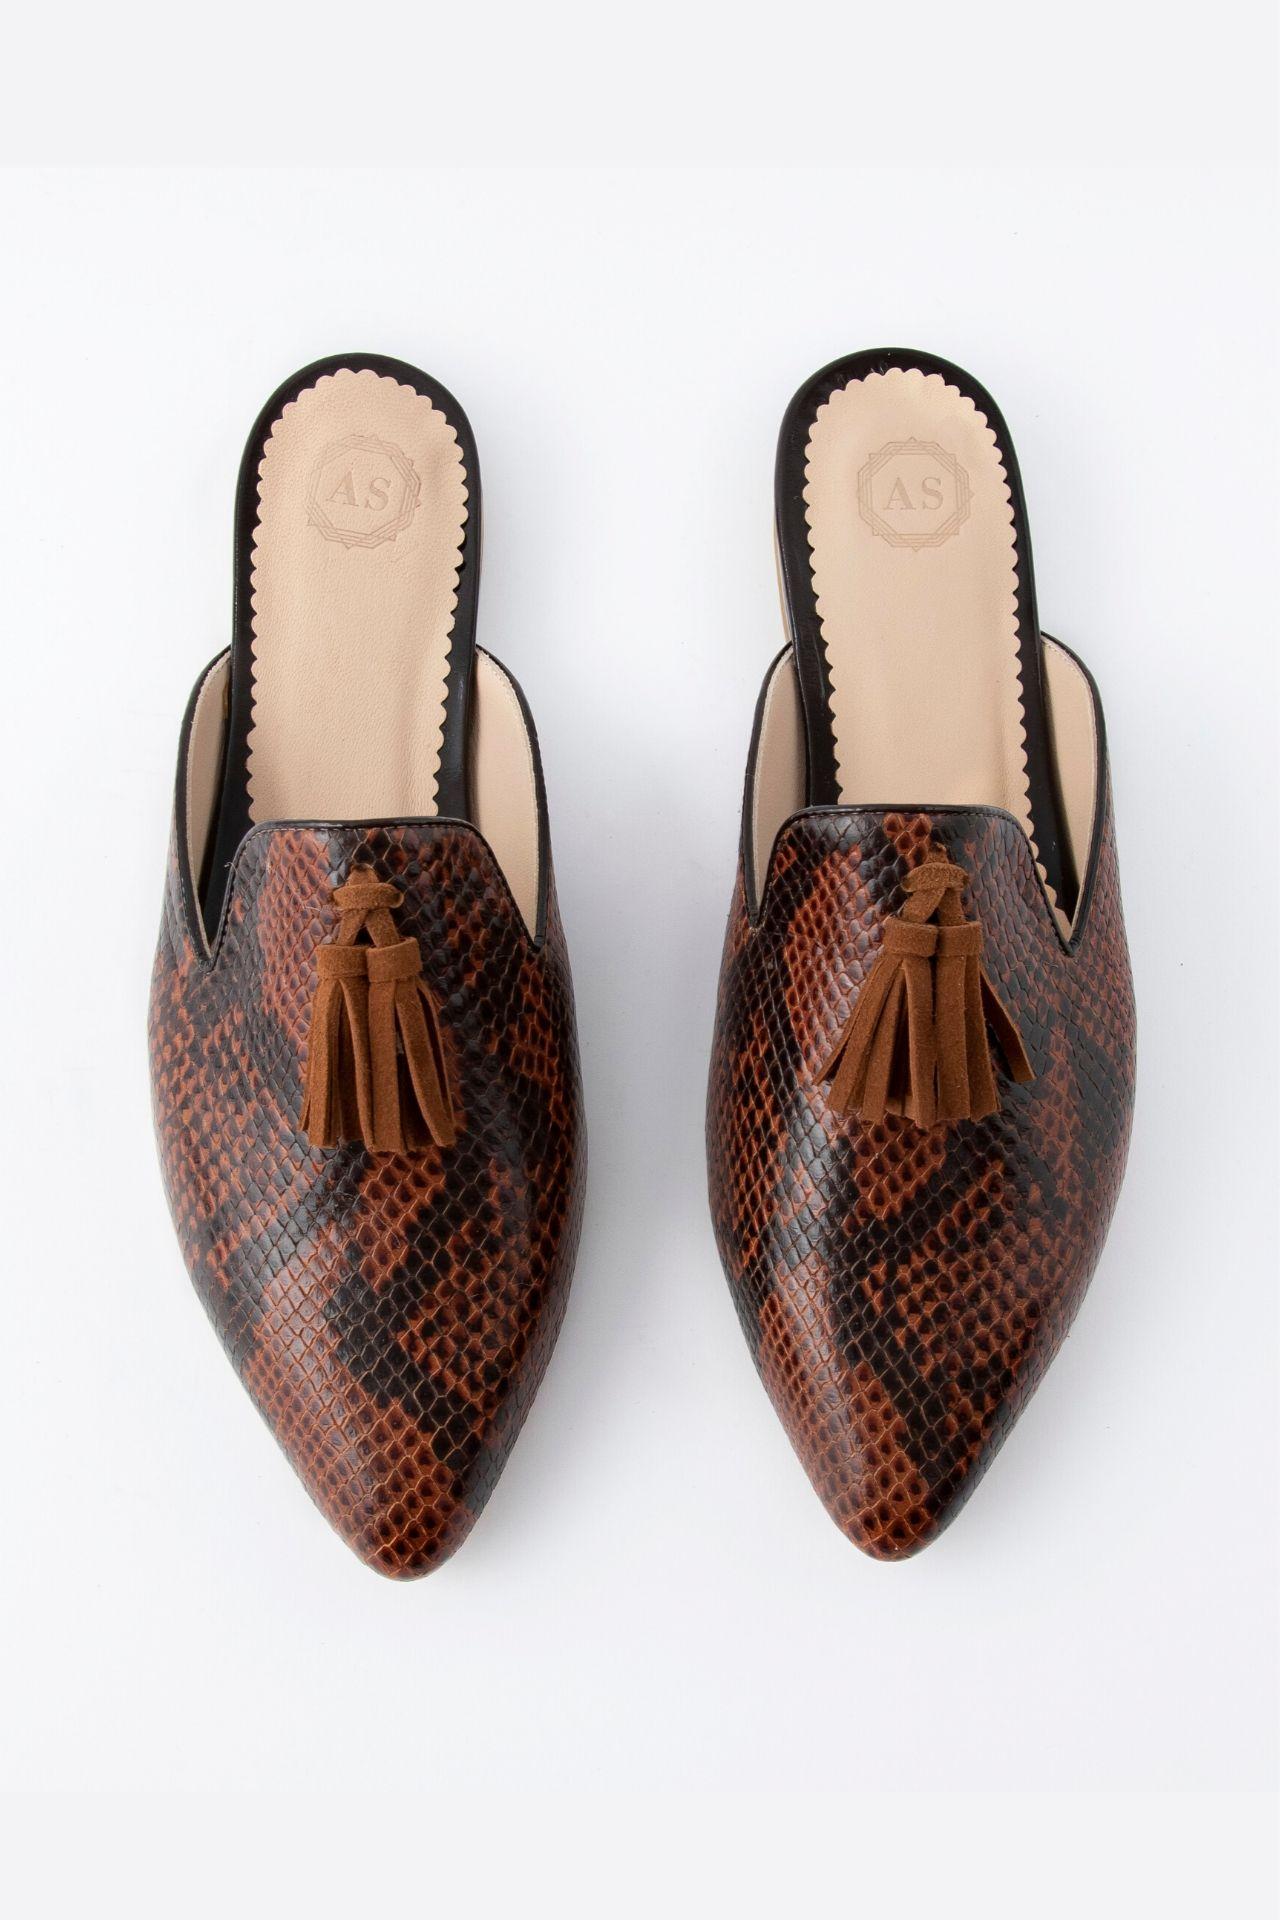 Zapatos 100% manufacturados a mano con cuero noble.  Medidas:  35: 23.5 cm  36: 24.5 cm  37: 25 cm  38: 25.5 cm  39: 26.5 cm  40: 27 cm  La horma es exacta, en esta marca serías la misma talla que usas normalmente.